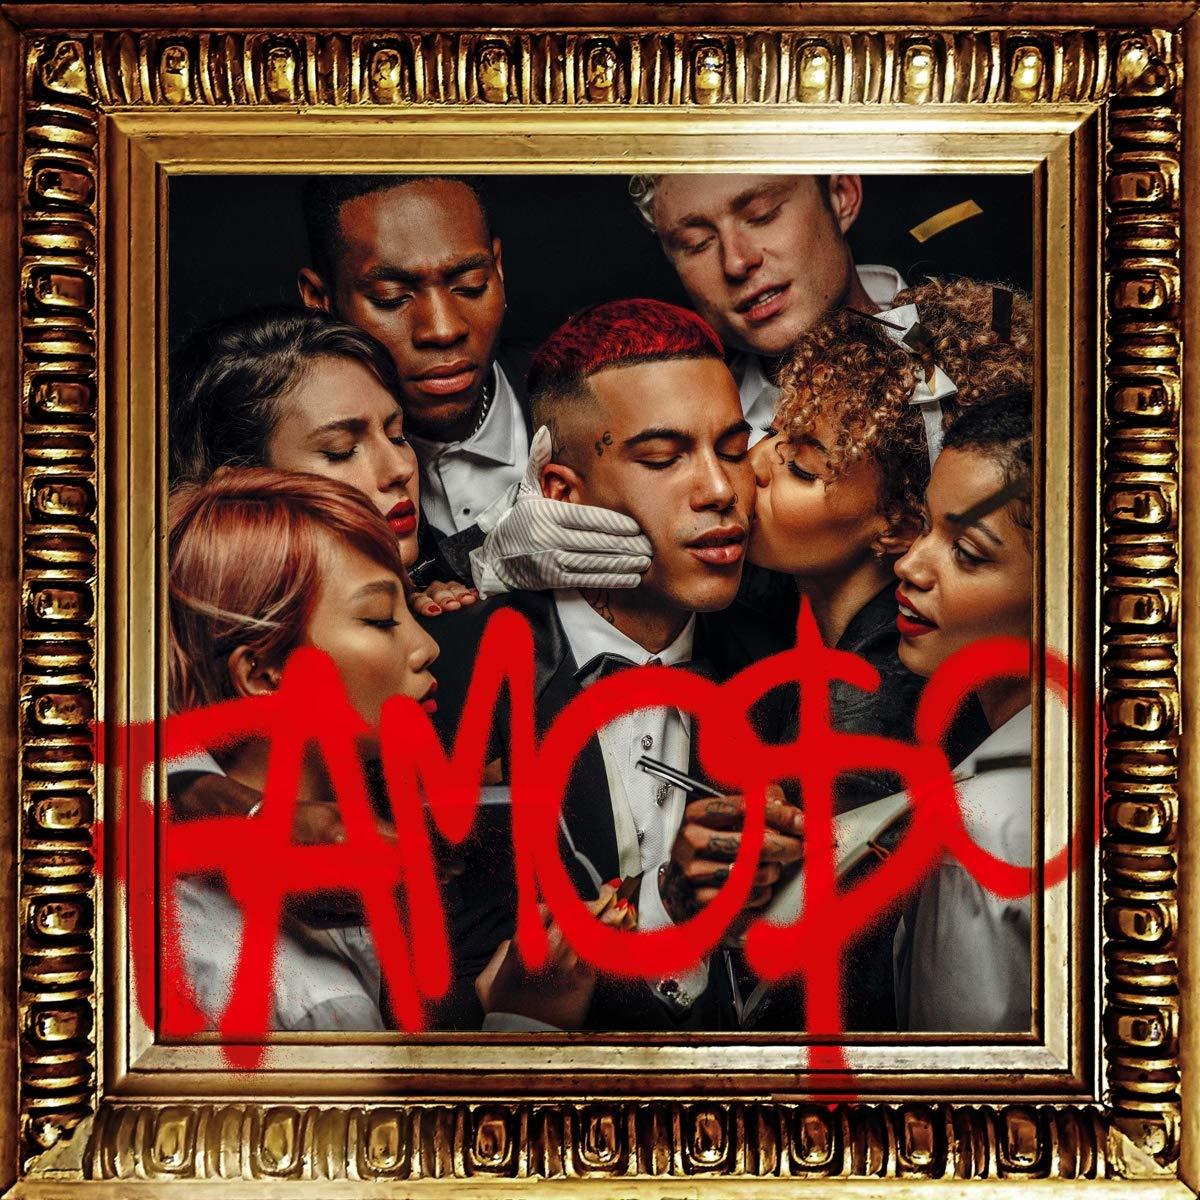 Famoso (CD)